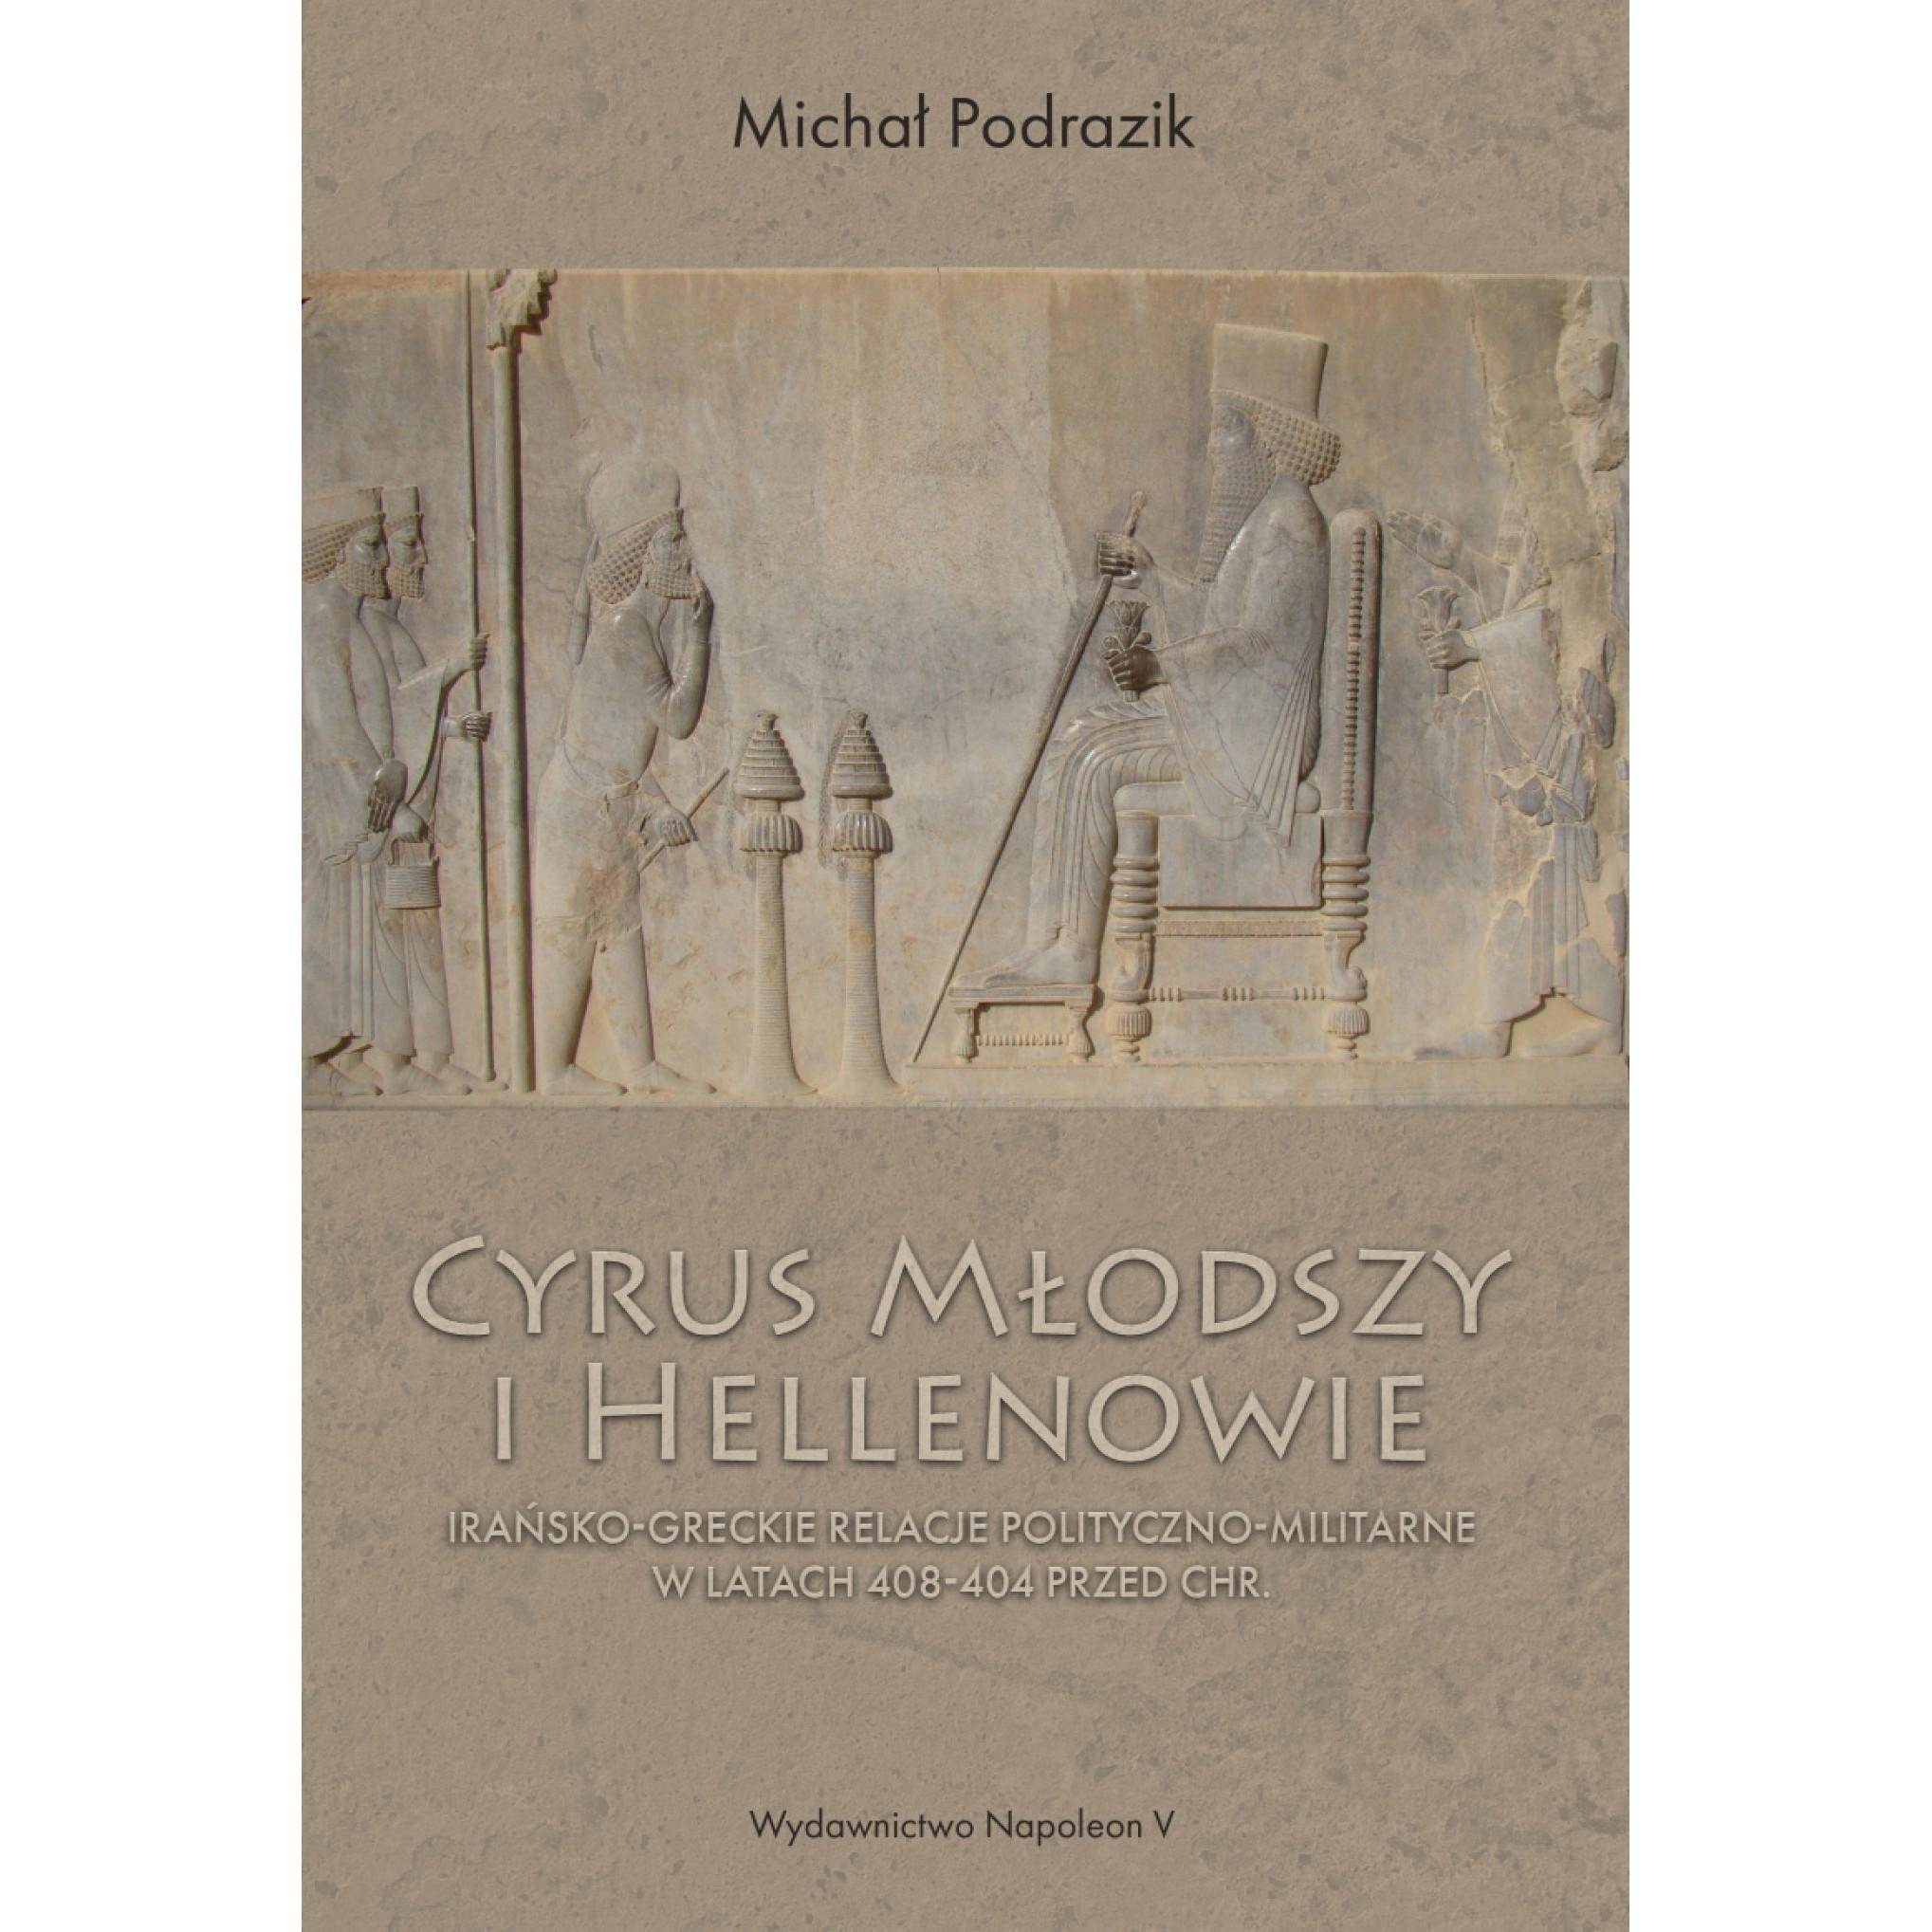 Cyrus Młodszy i Hellenowie. Irańsko-greckie relacje polityczno-militarne w latach 408-404 przed Chr.